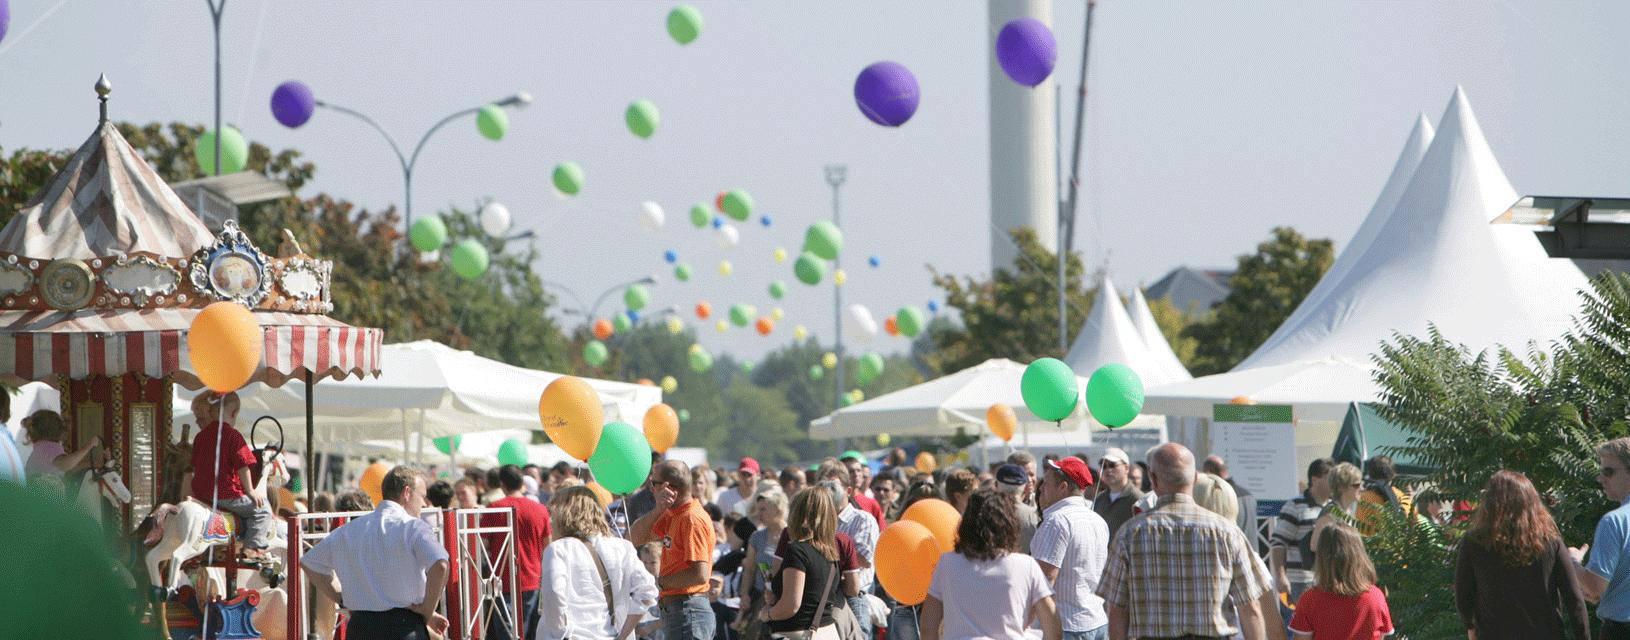 event-agentur-freiburg-event